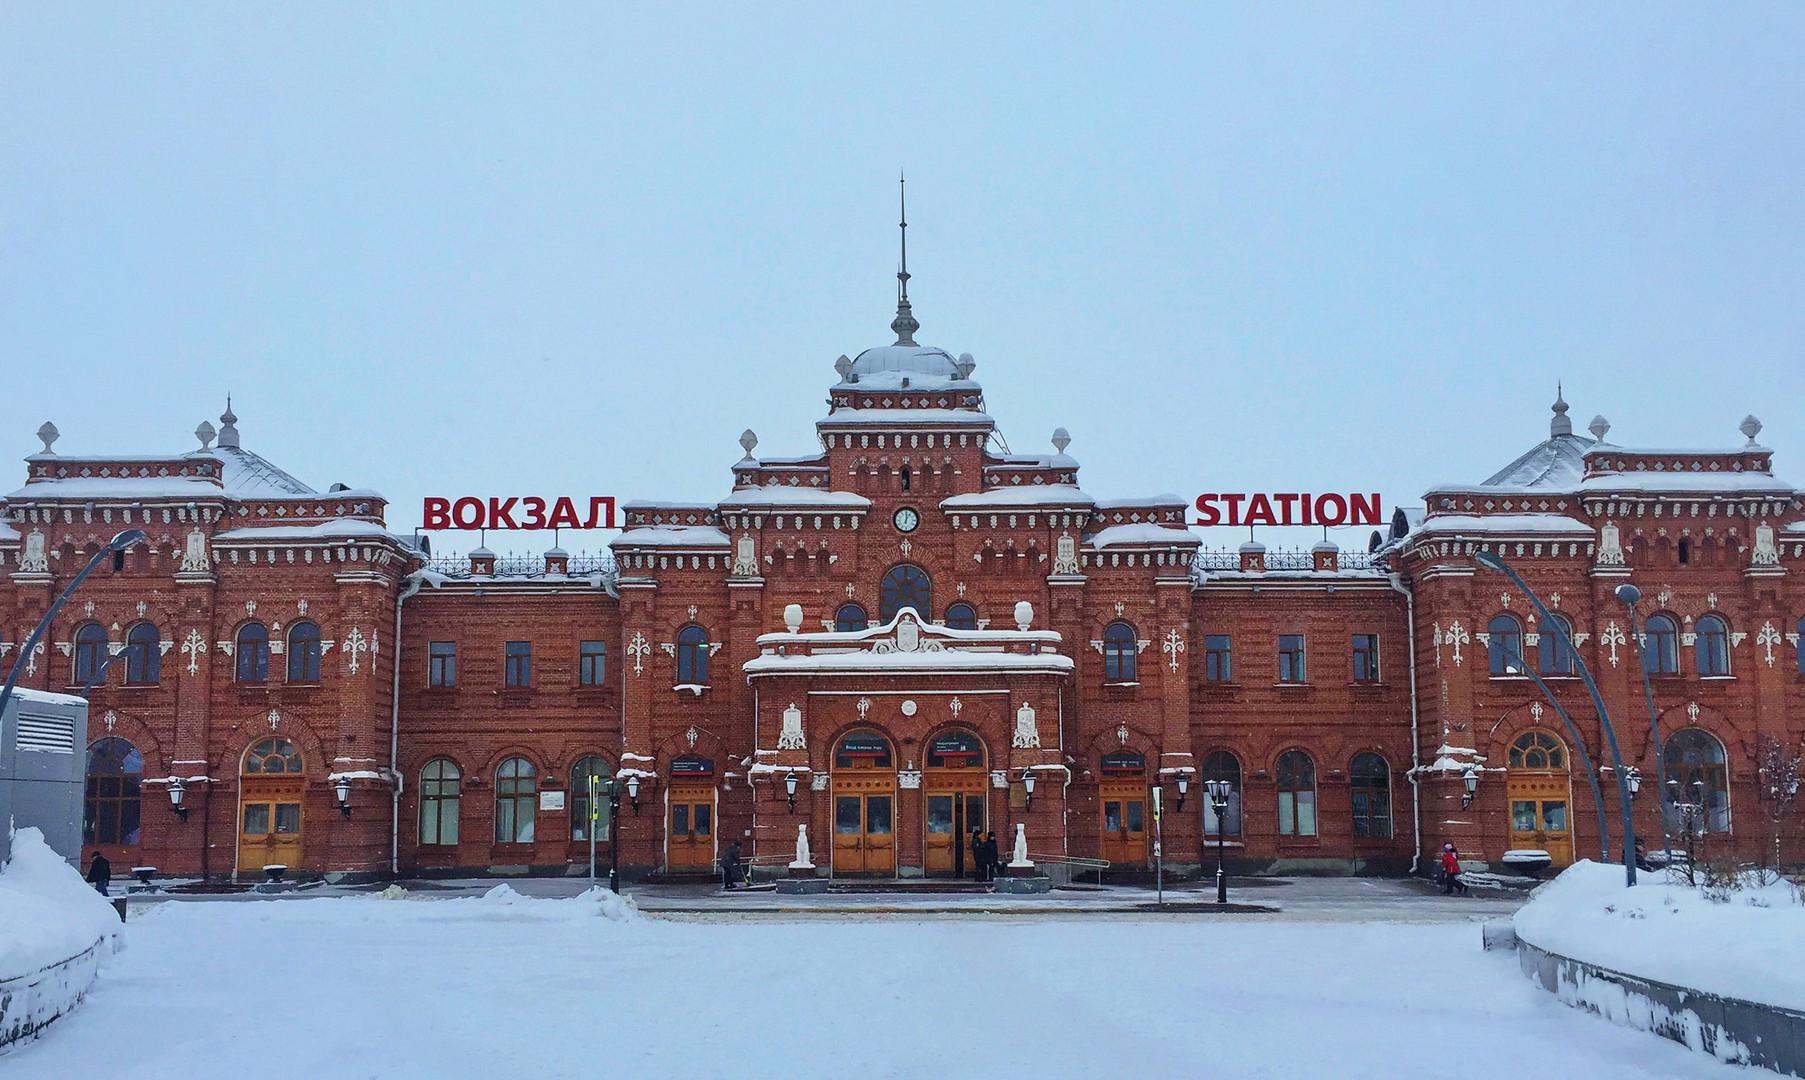 Ж/д вокзал Казани